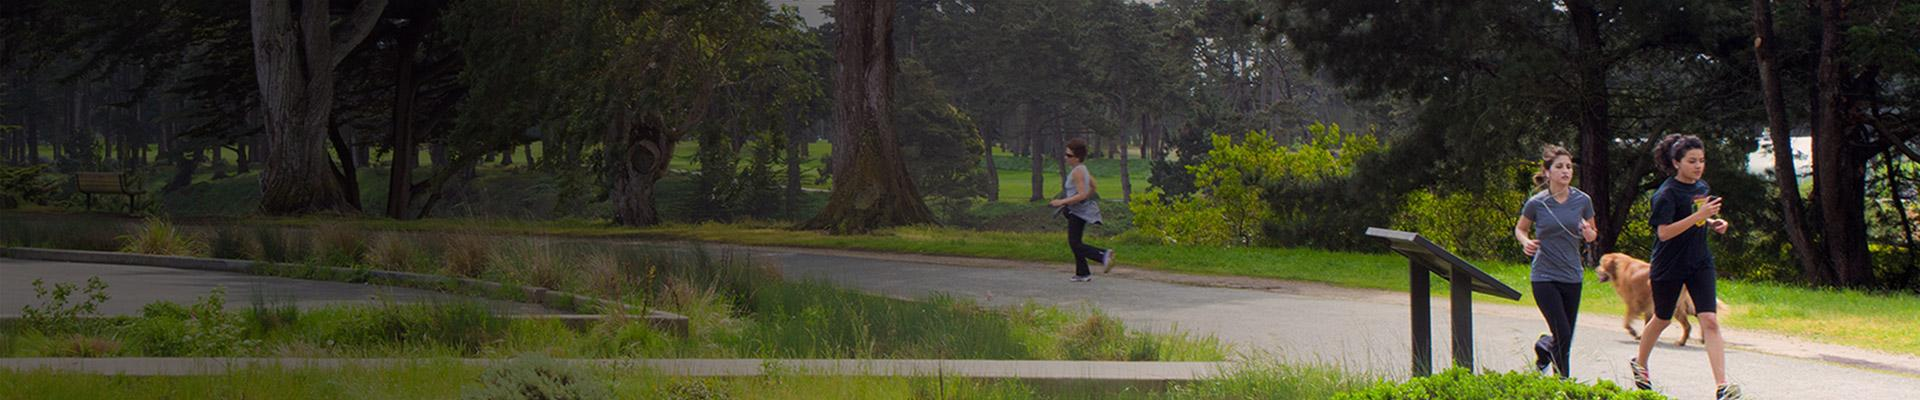 Người chạy bộ trên đường mòn